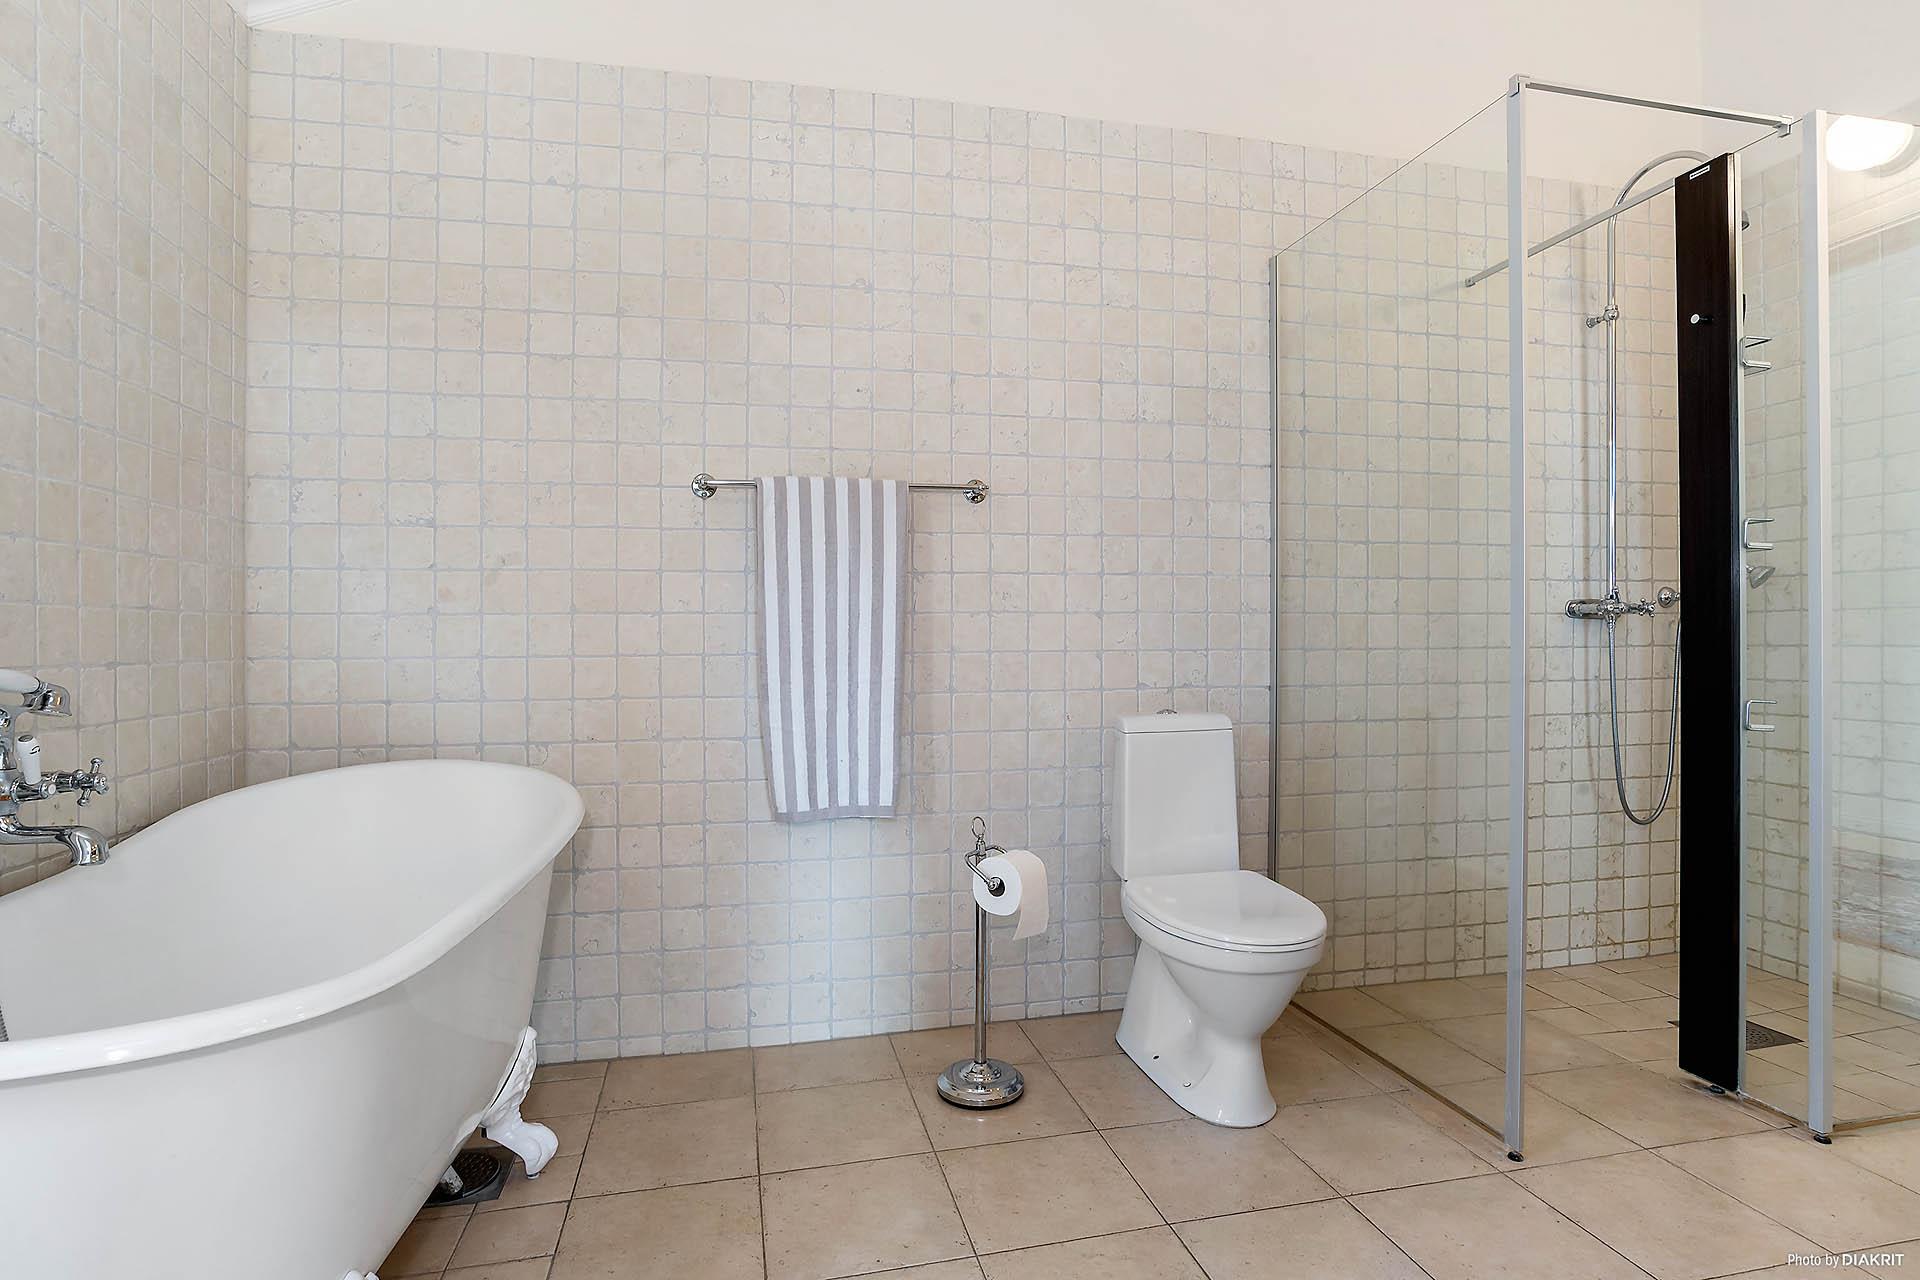 Ytterligare bild på det stilfulla badrummet. Märk den extra stora duschen